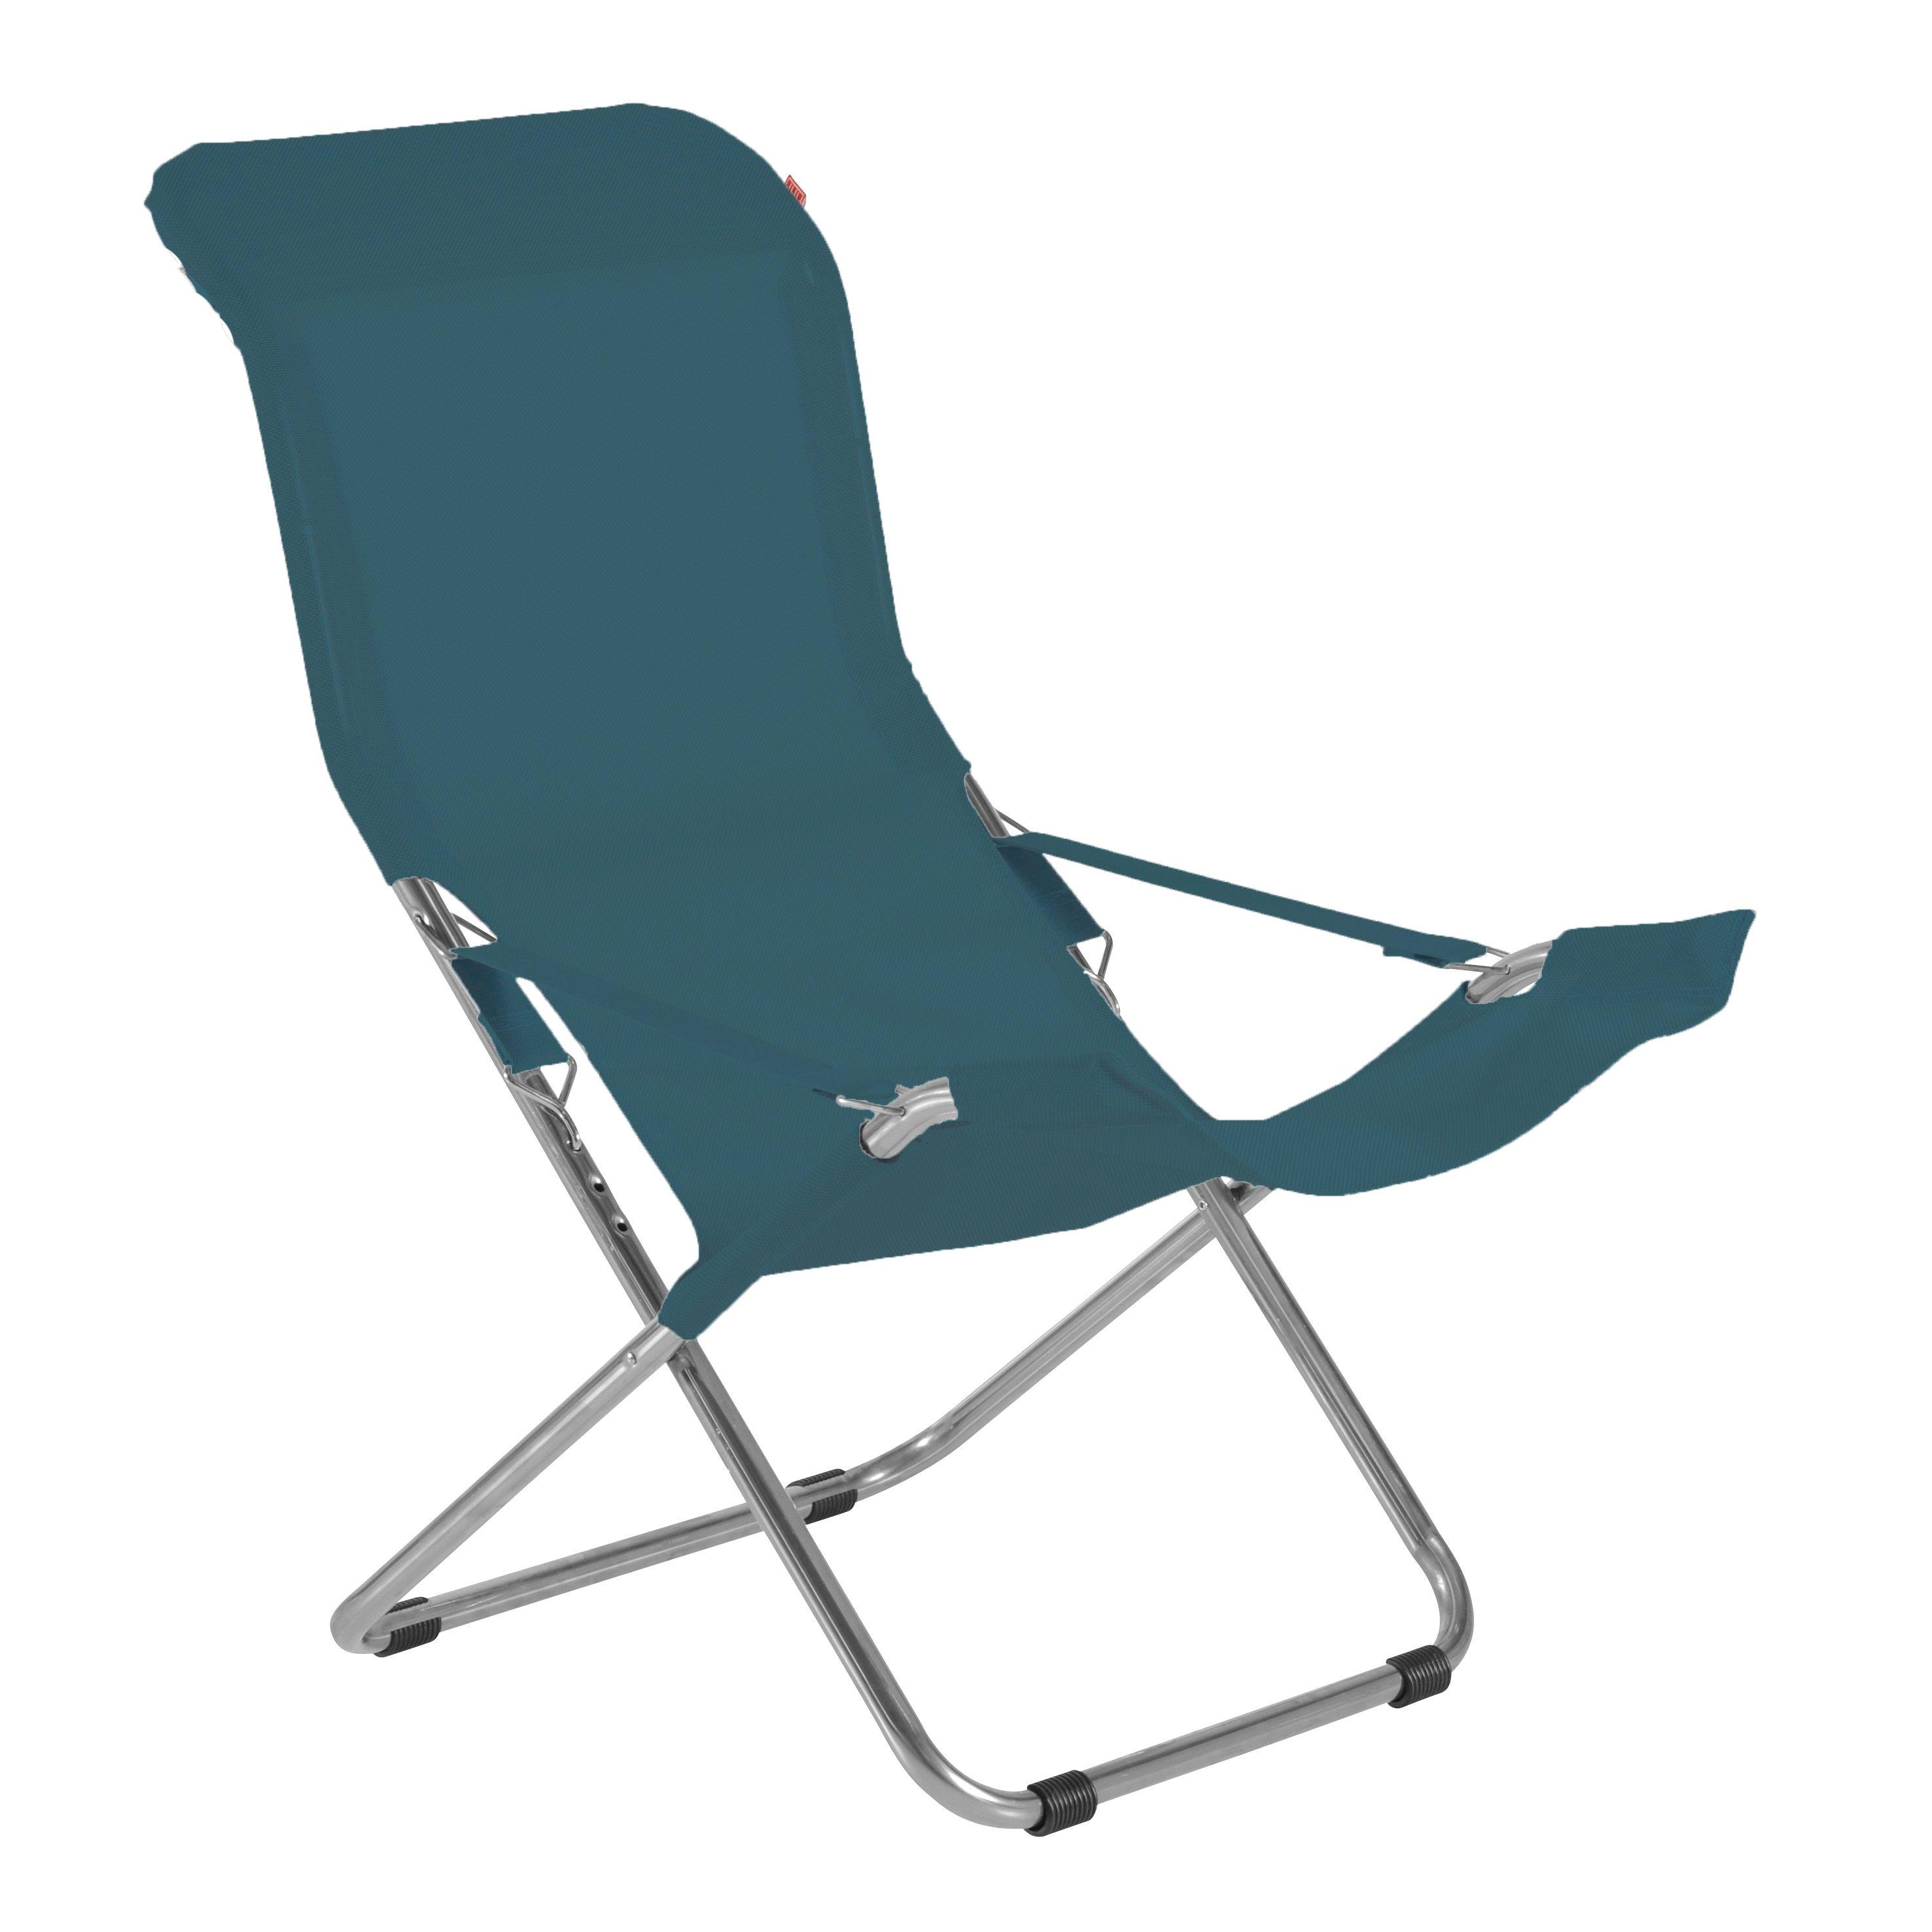 Sdraio Da Giardino Leroy Merlin.Sedia A Sdraio Pieghevole Comfort In Alluminio Verde Prezzo Online Leroy Merlin